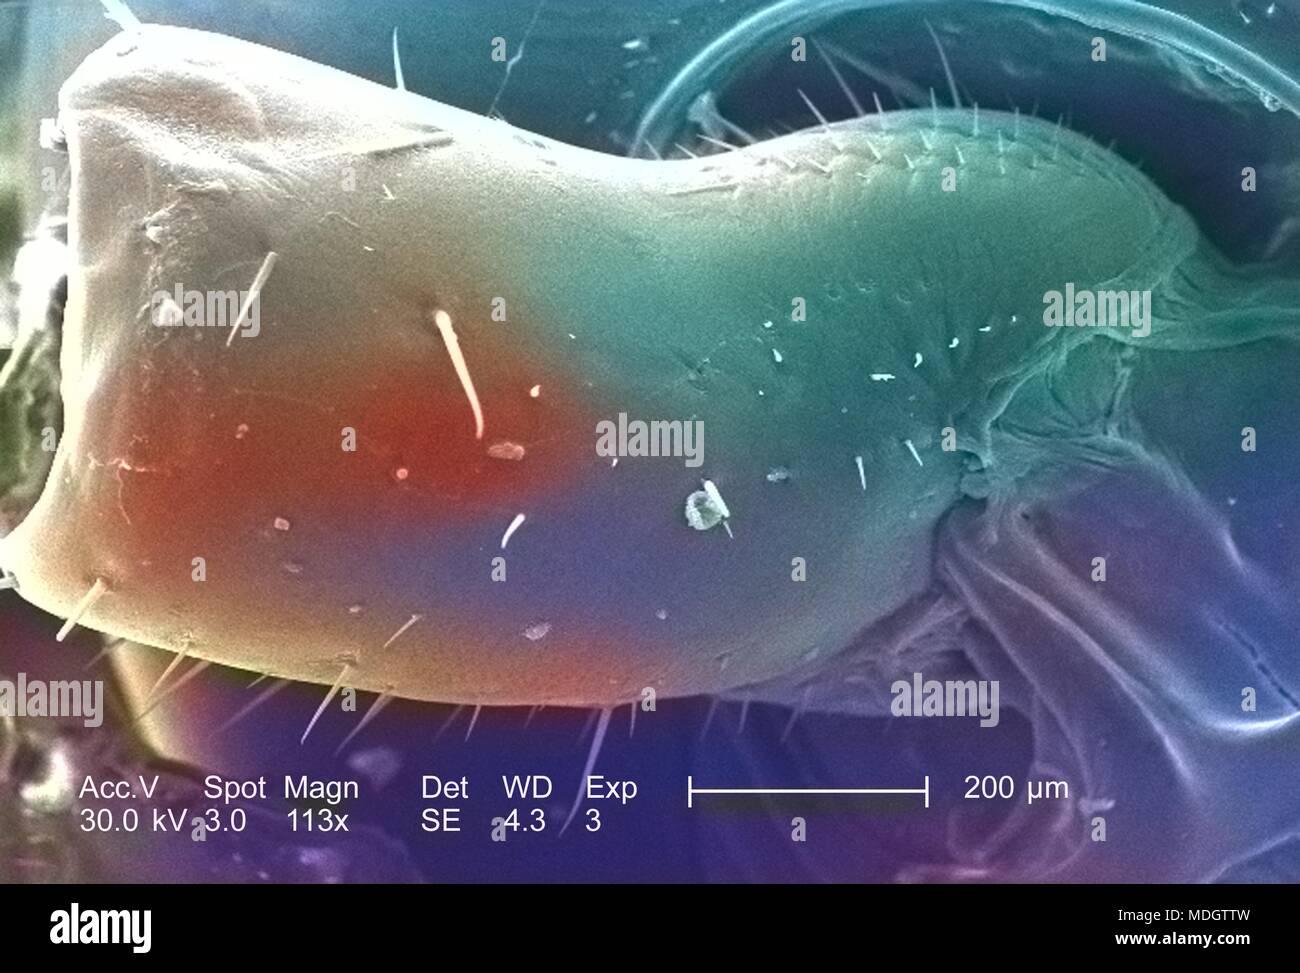 Primer segmento de un desconocido roach jefe región y antena, representado en el 113x captura ampliada con microscopía electrónica (SEM) imagen, 2005. Imagen cortesía de los Centros para el Control de Enfermedades (CDC) / Janice Haney Carr. Nota: la imagen ha sido coloreada digitalmente mediante un proceso moderno. Los colores pueden no ser científicamente precisa. () Imagen De Stock